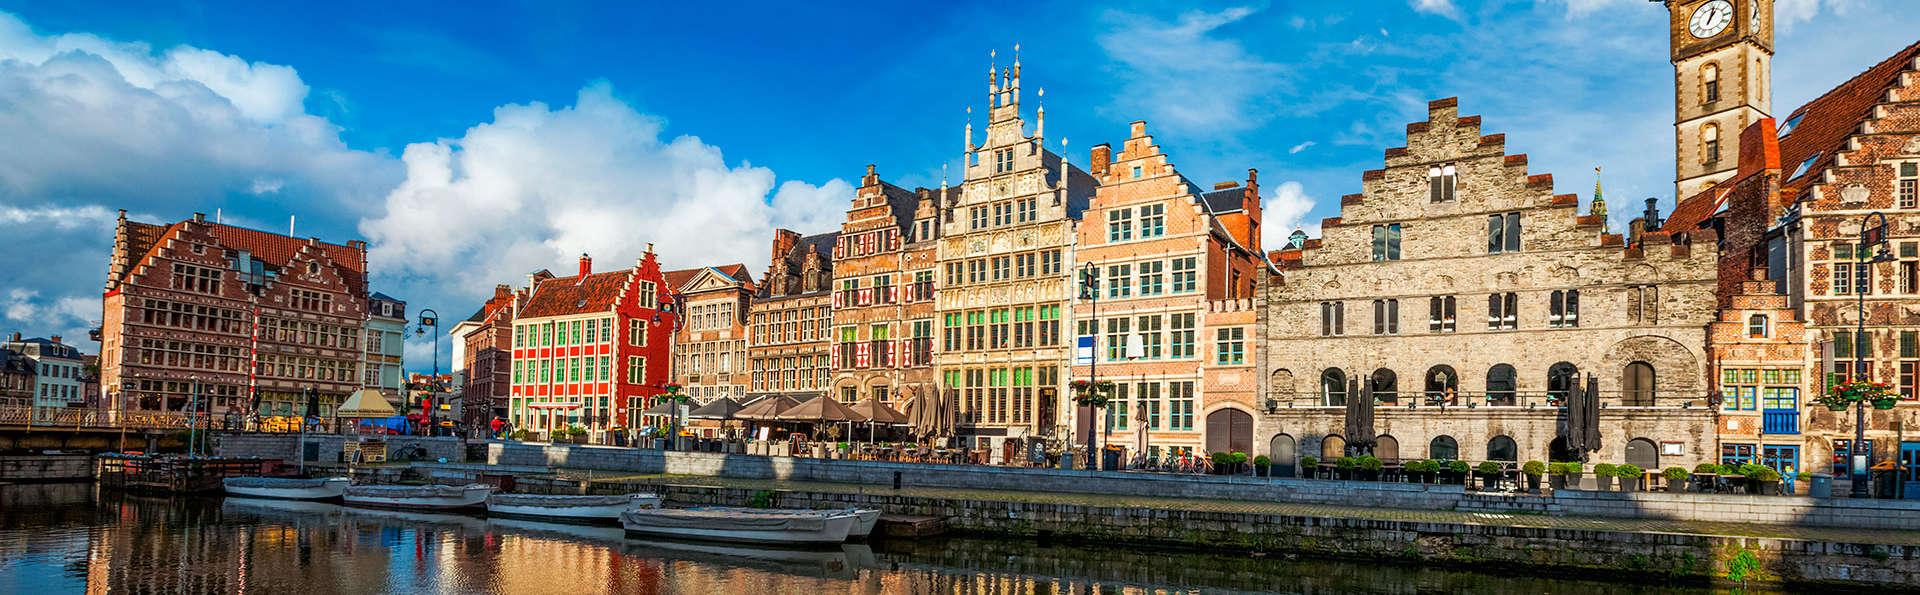 Découvrez la merveilleuse ville de Gand sur l'eau